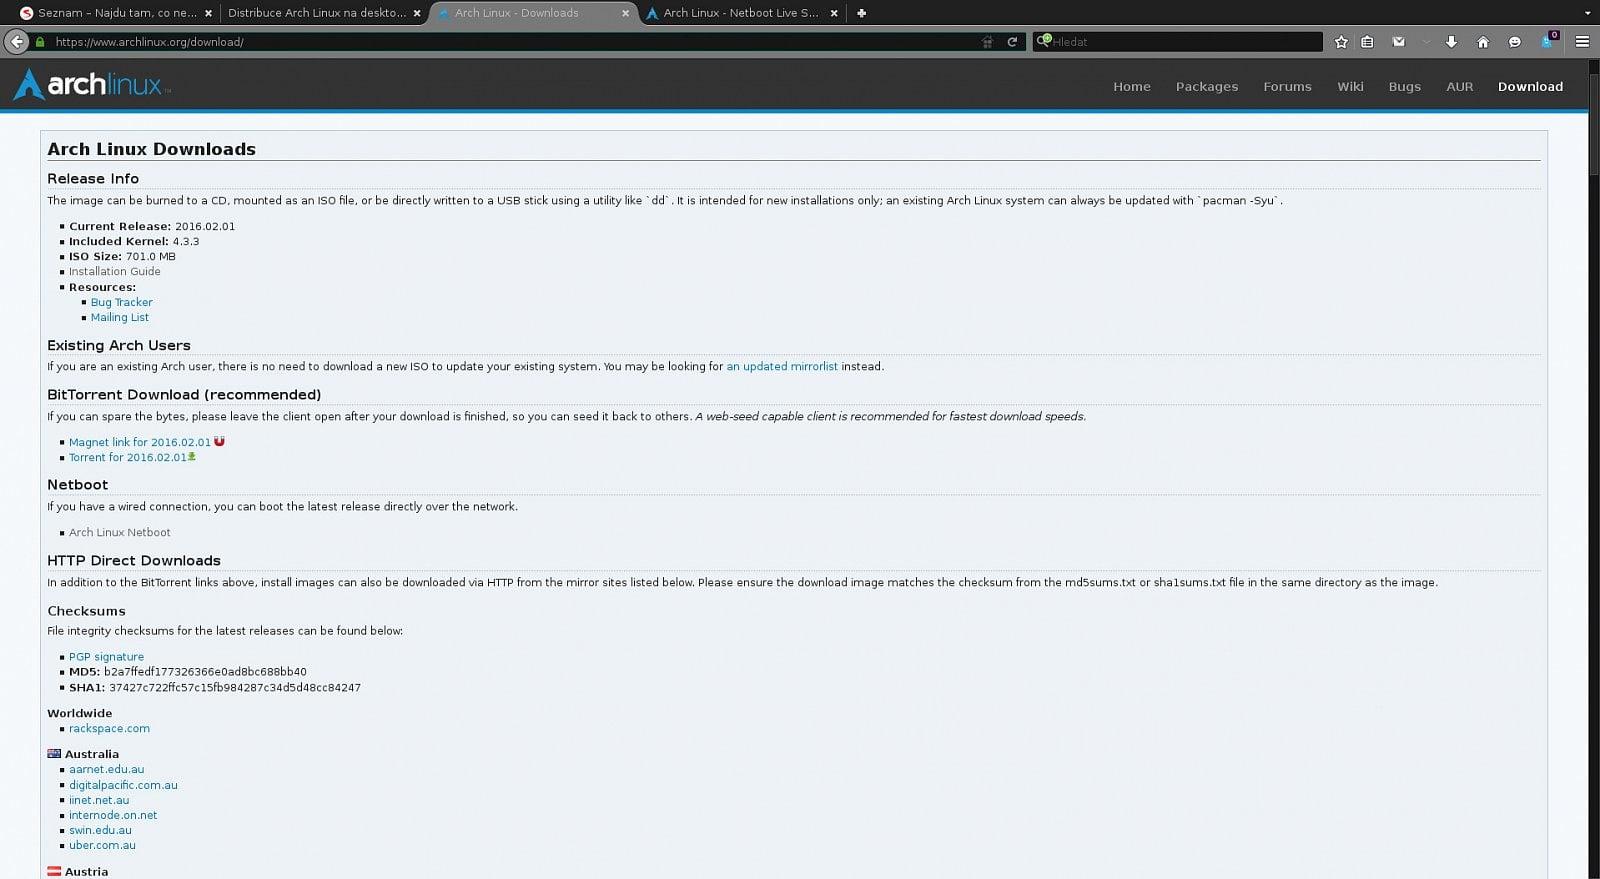 Arch Linux: soubory ke stažení, oficiální repozitáře